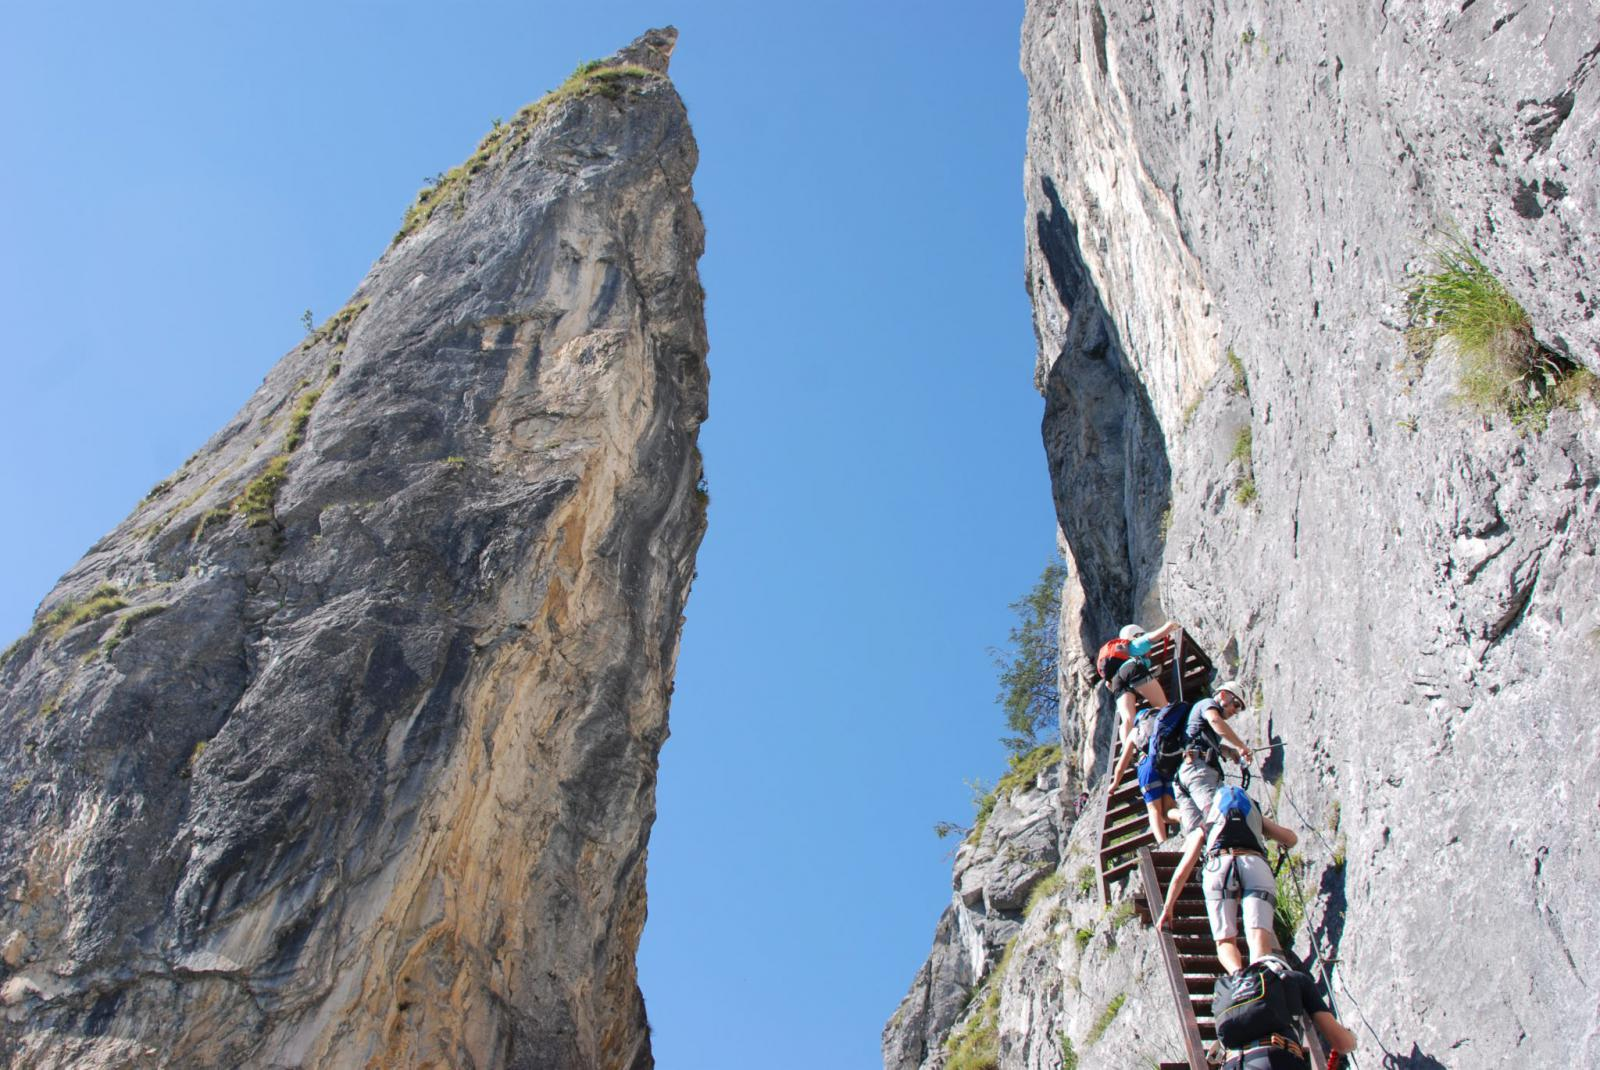 Klettersteig Piz Trovat : Sommer klettersteige mountain fantasy